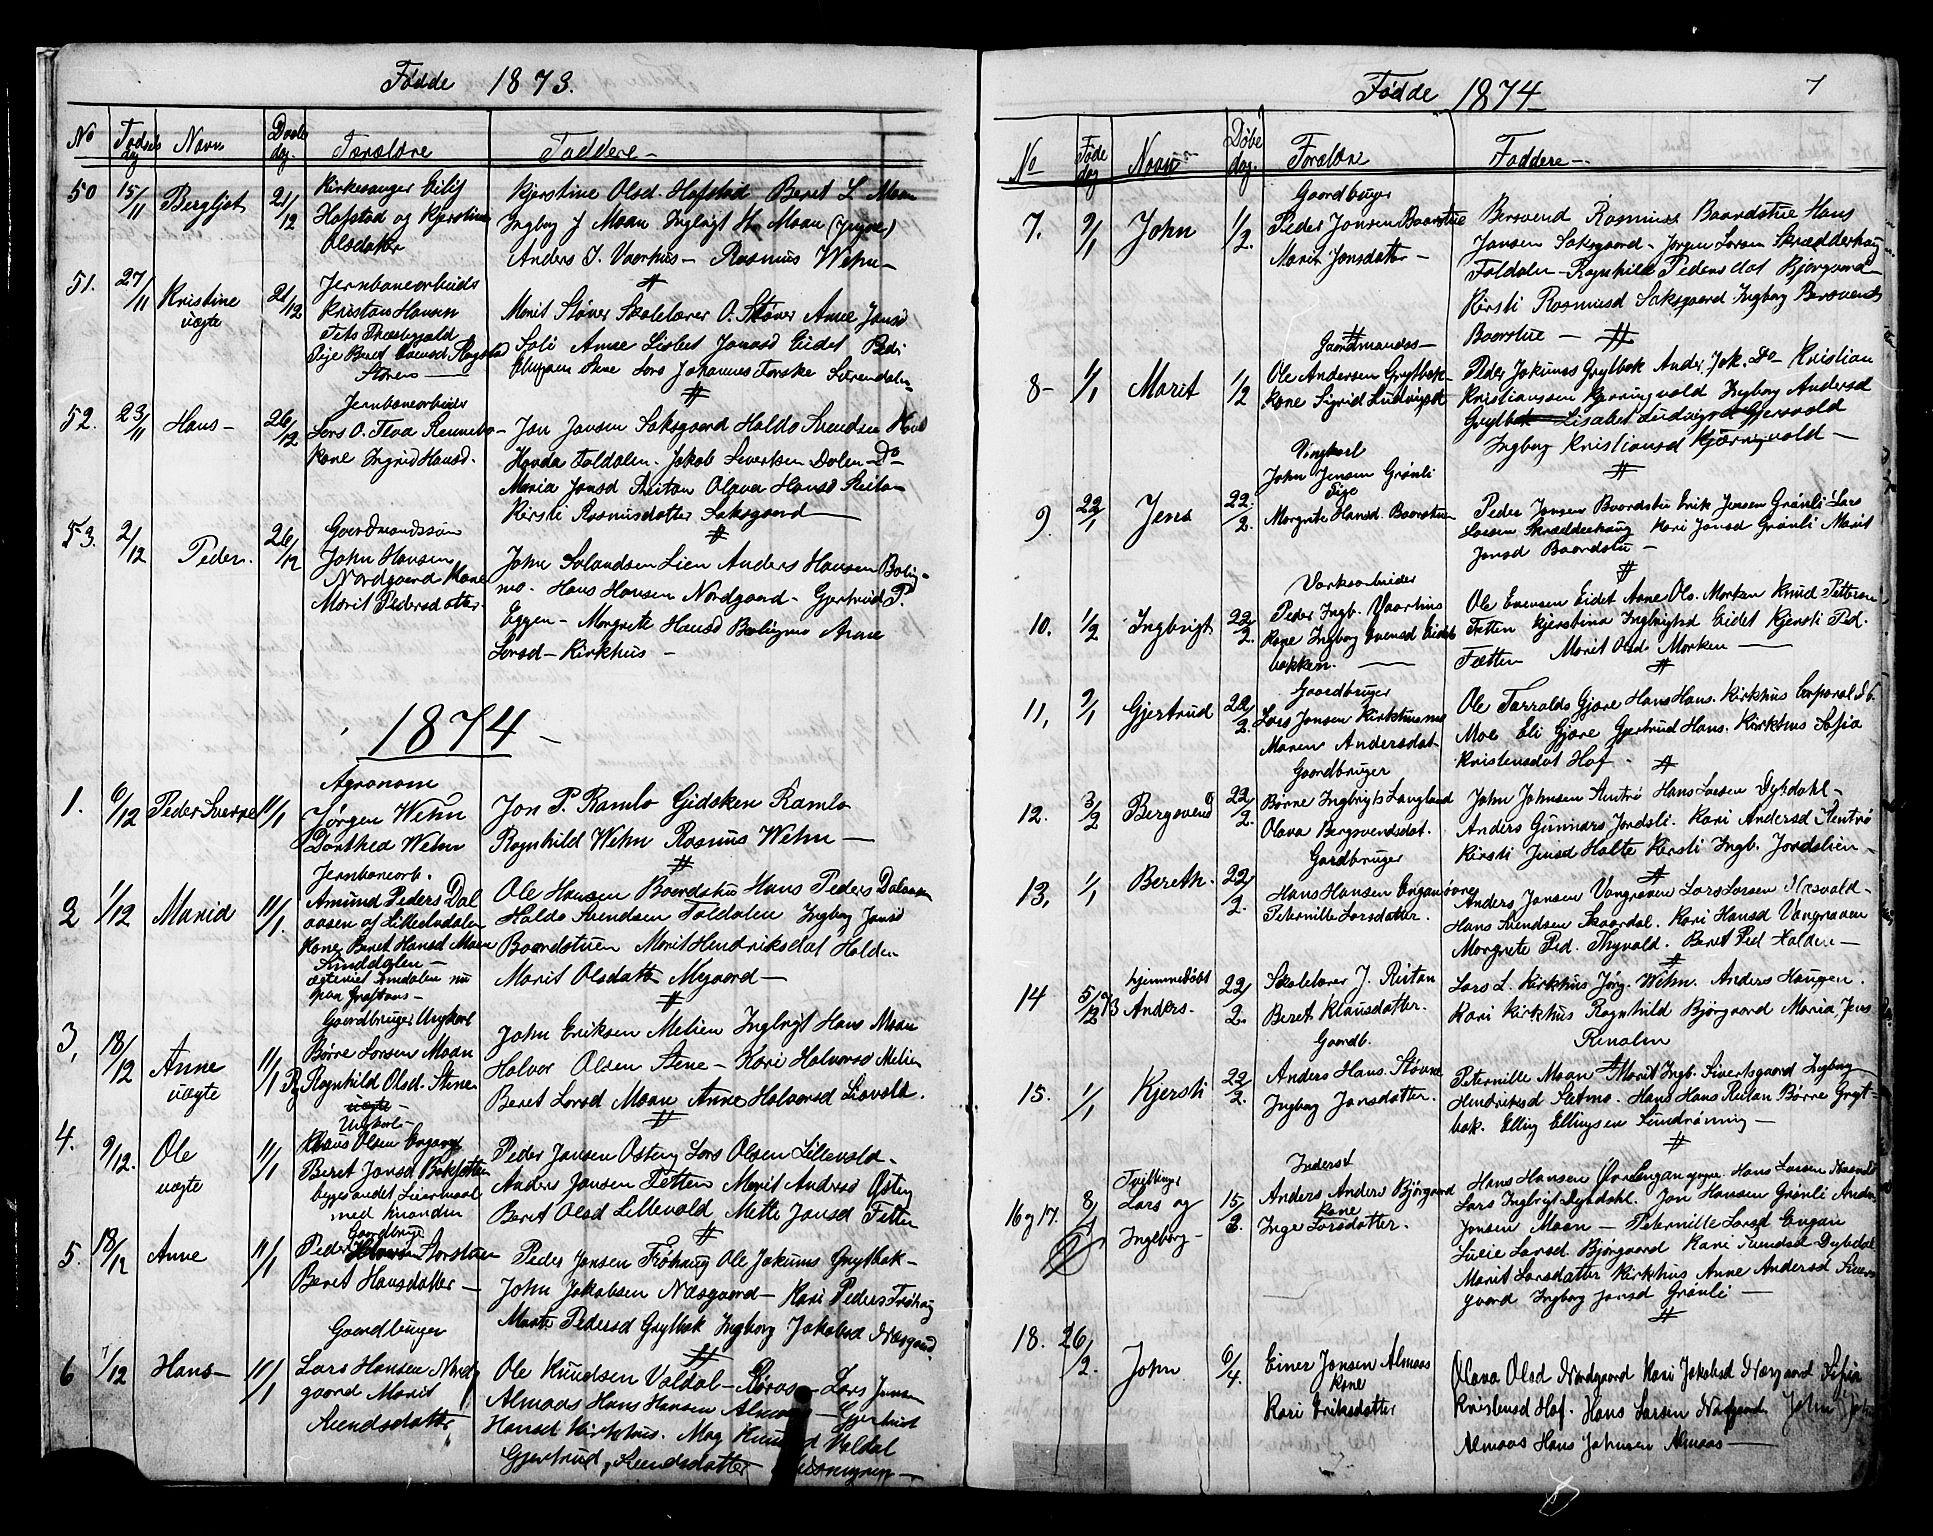 SAT, Ministerialprotokoller, klokkerbøker og fødselsregistre - Sør-Trøndelag, 686/L0985: Klokkerbok nr. 686C01, 1871-1933, s. 7